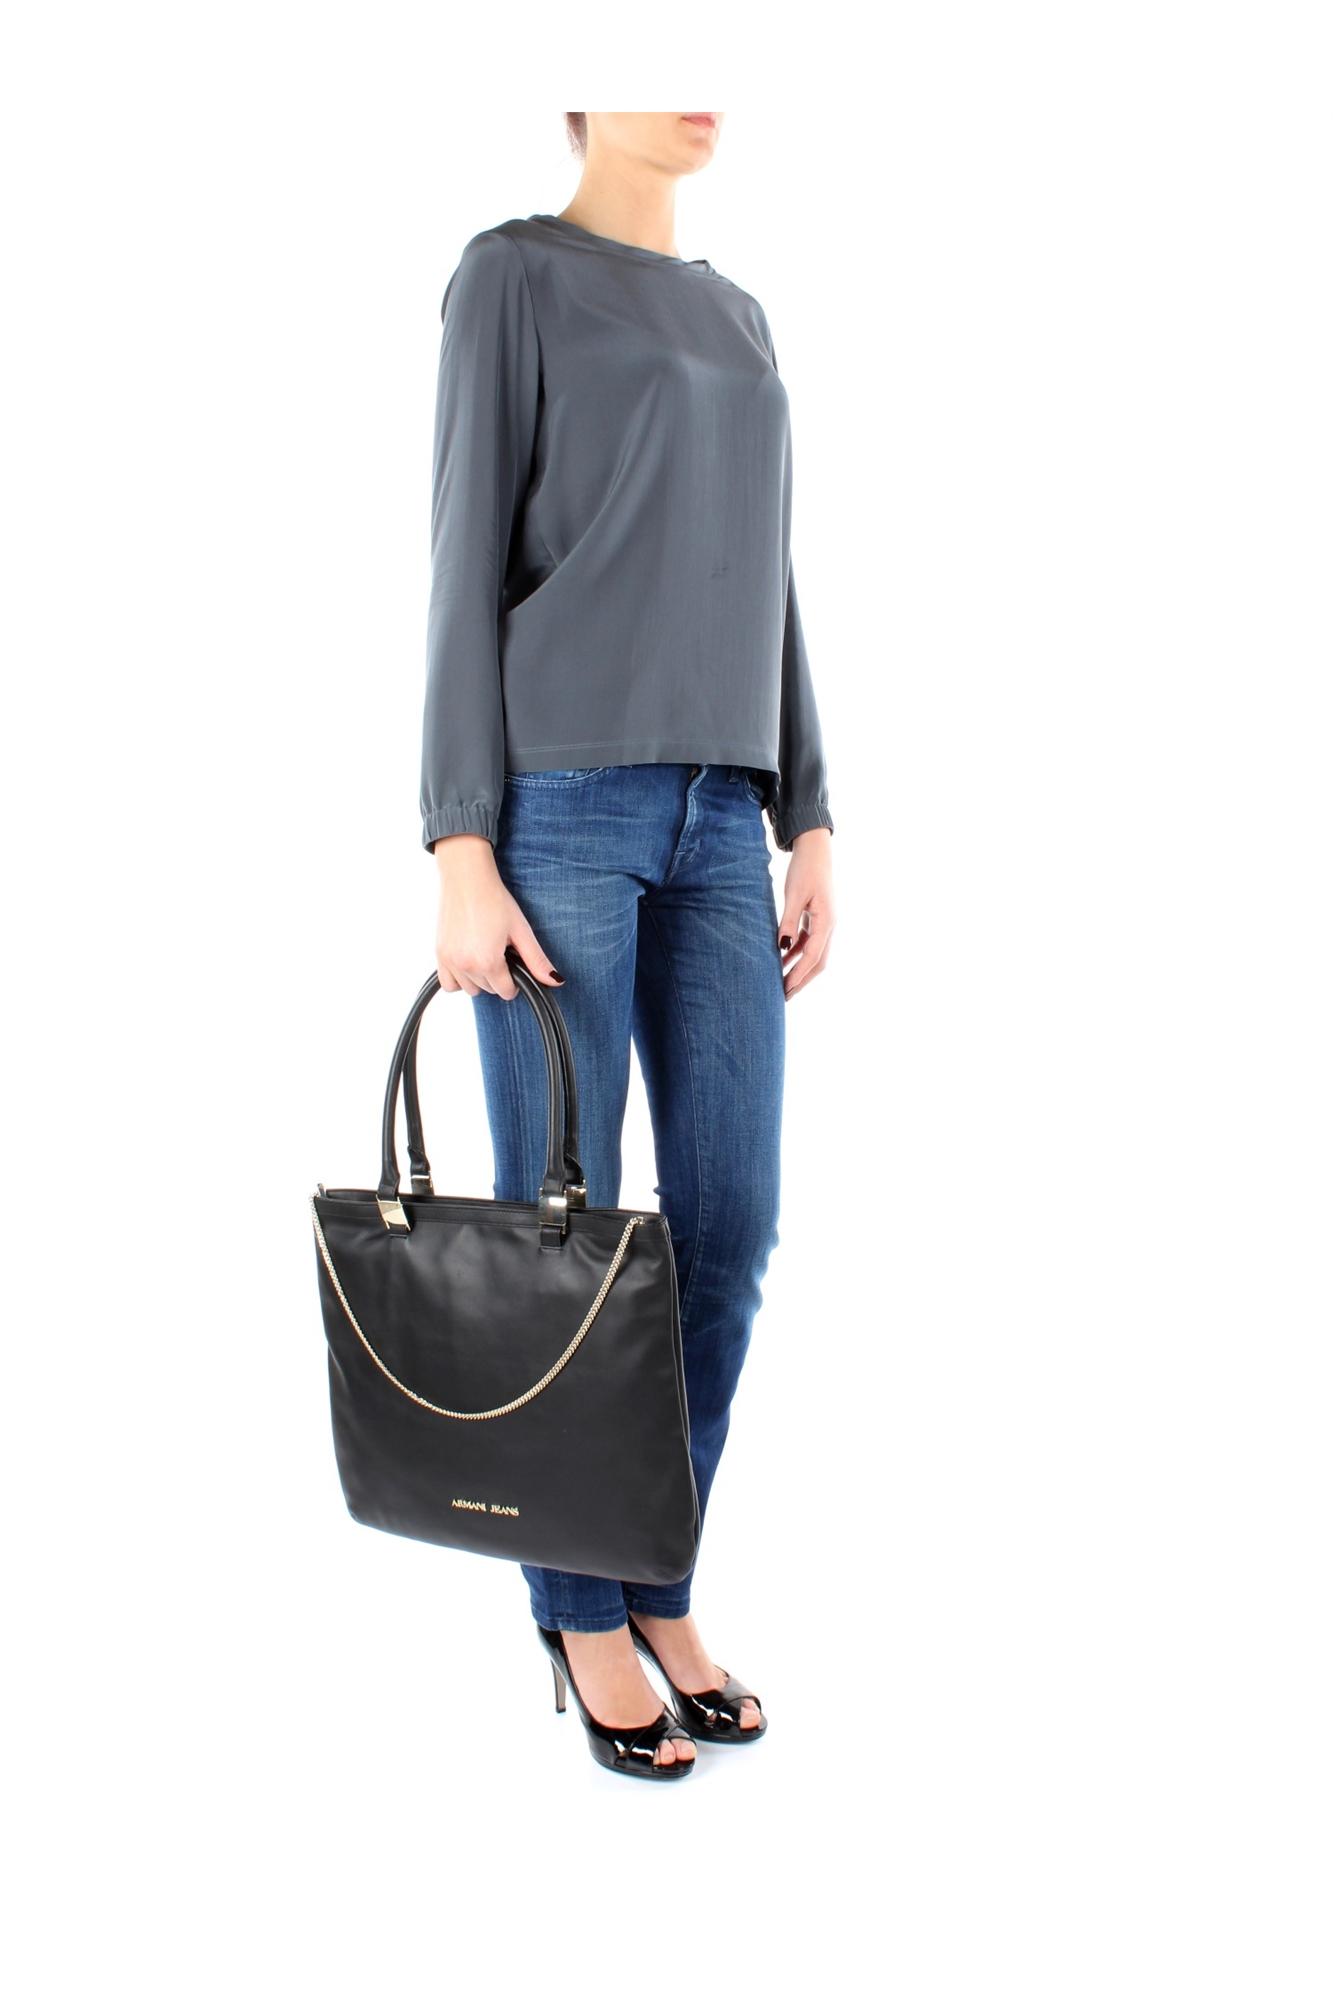 Borse Armani Jeans In Saldo : Borse a spalla armani jeans donna pelle nero ww